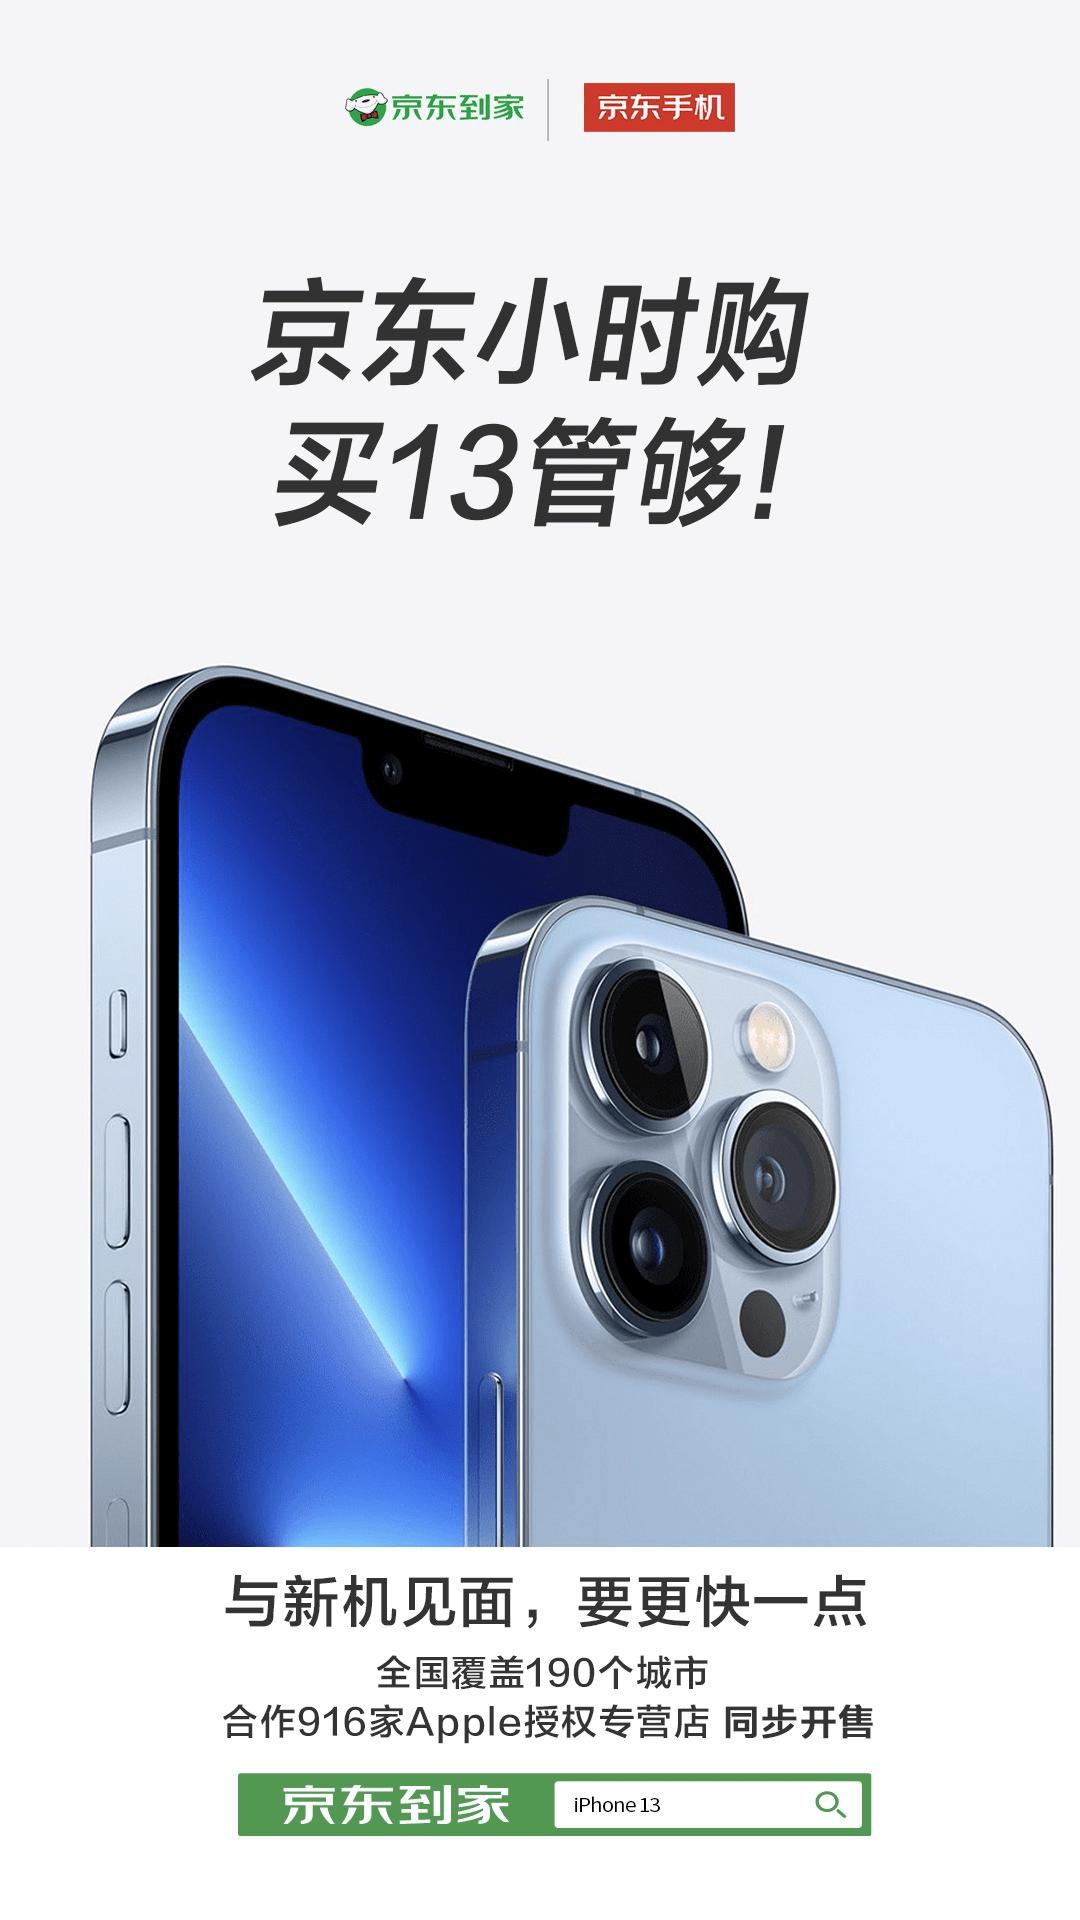 京东iPhone 13现货一小时送达